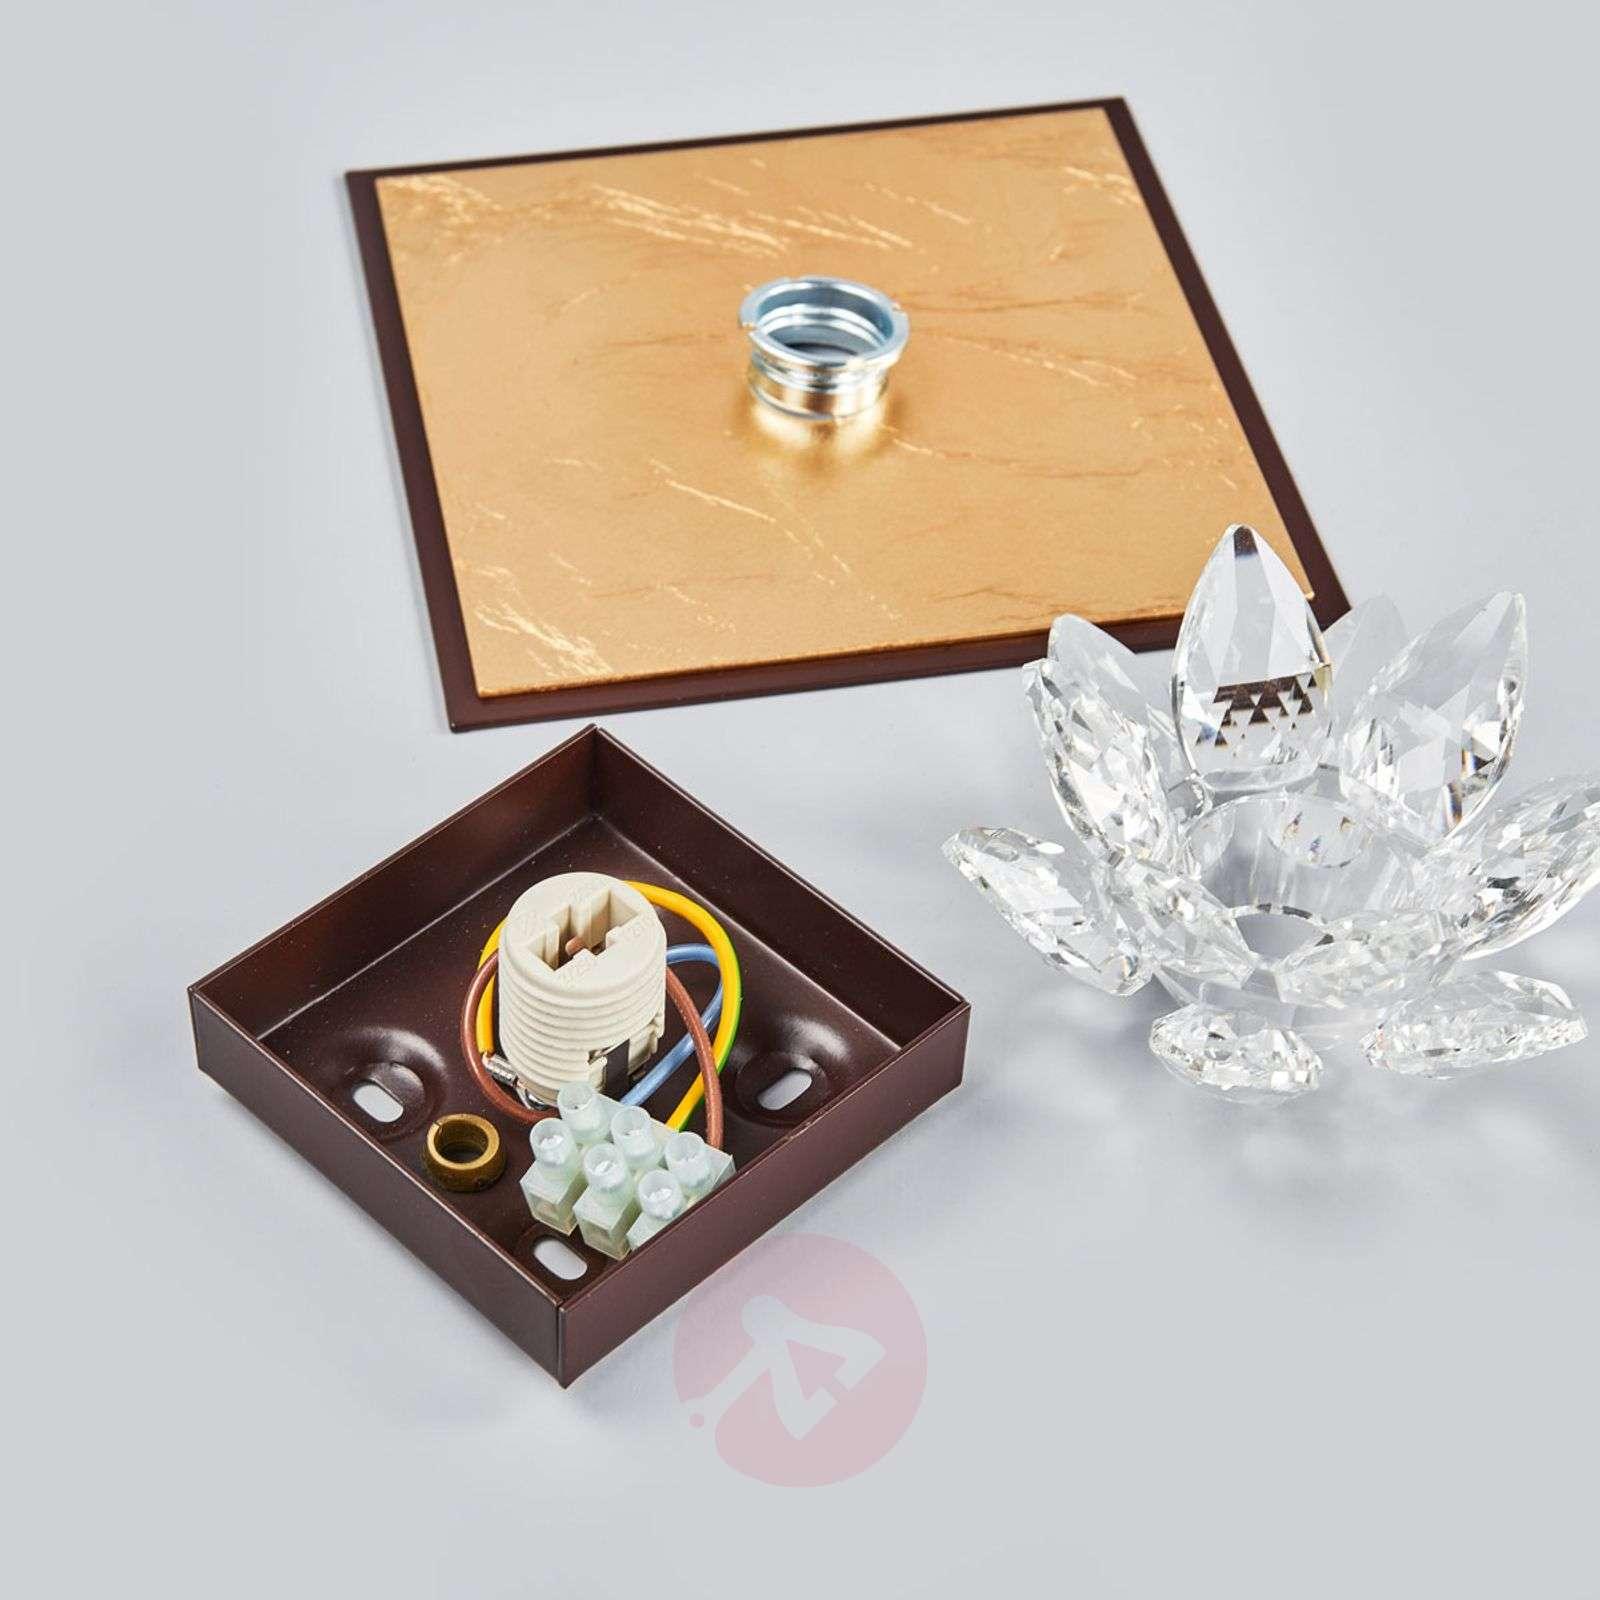 Fiore-kattovalaisin levykullalla ja kristallilla-5505542-01